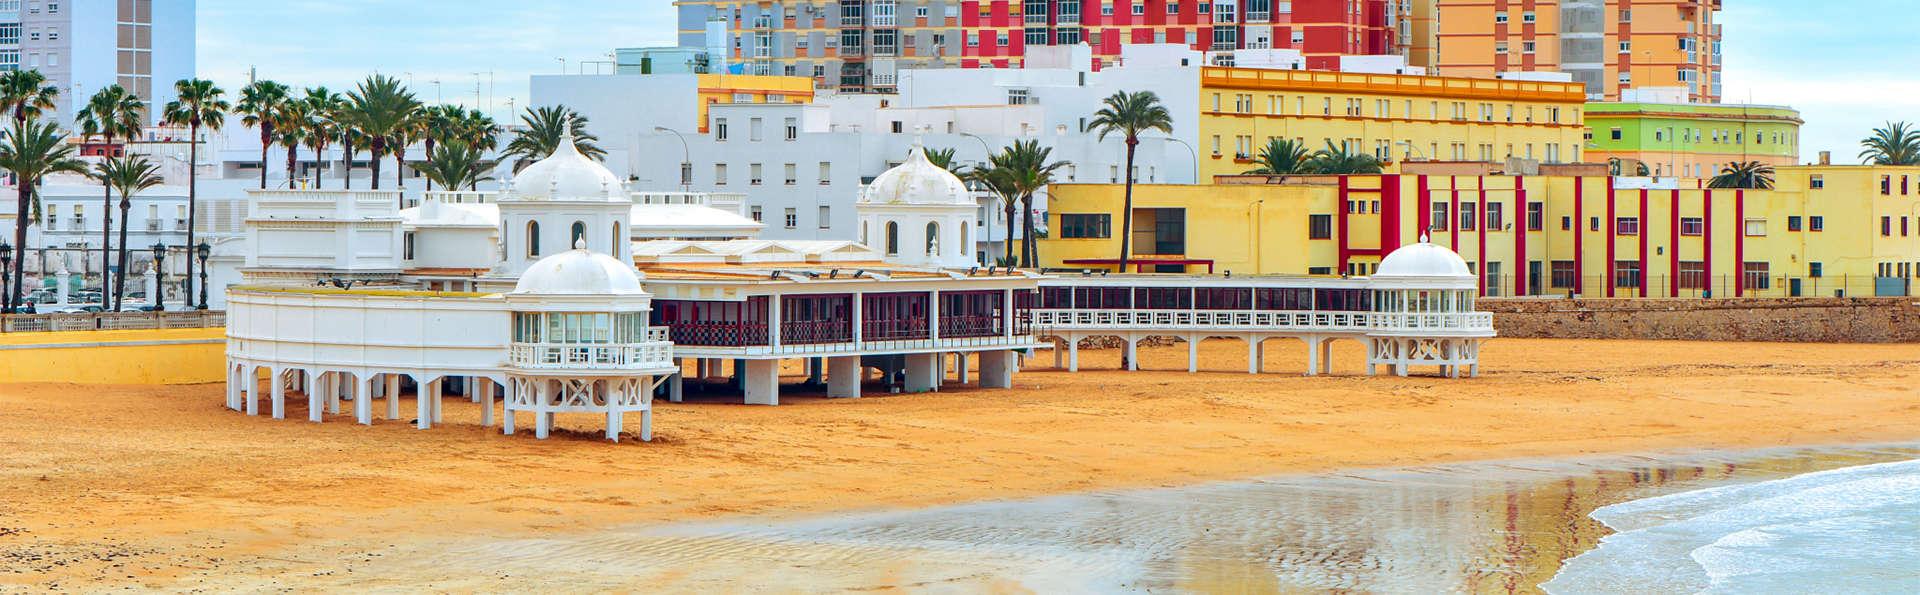 Cádiz resistió al asedio napoleónico durante 30 meses. ¡Que no te lo cuenten!